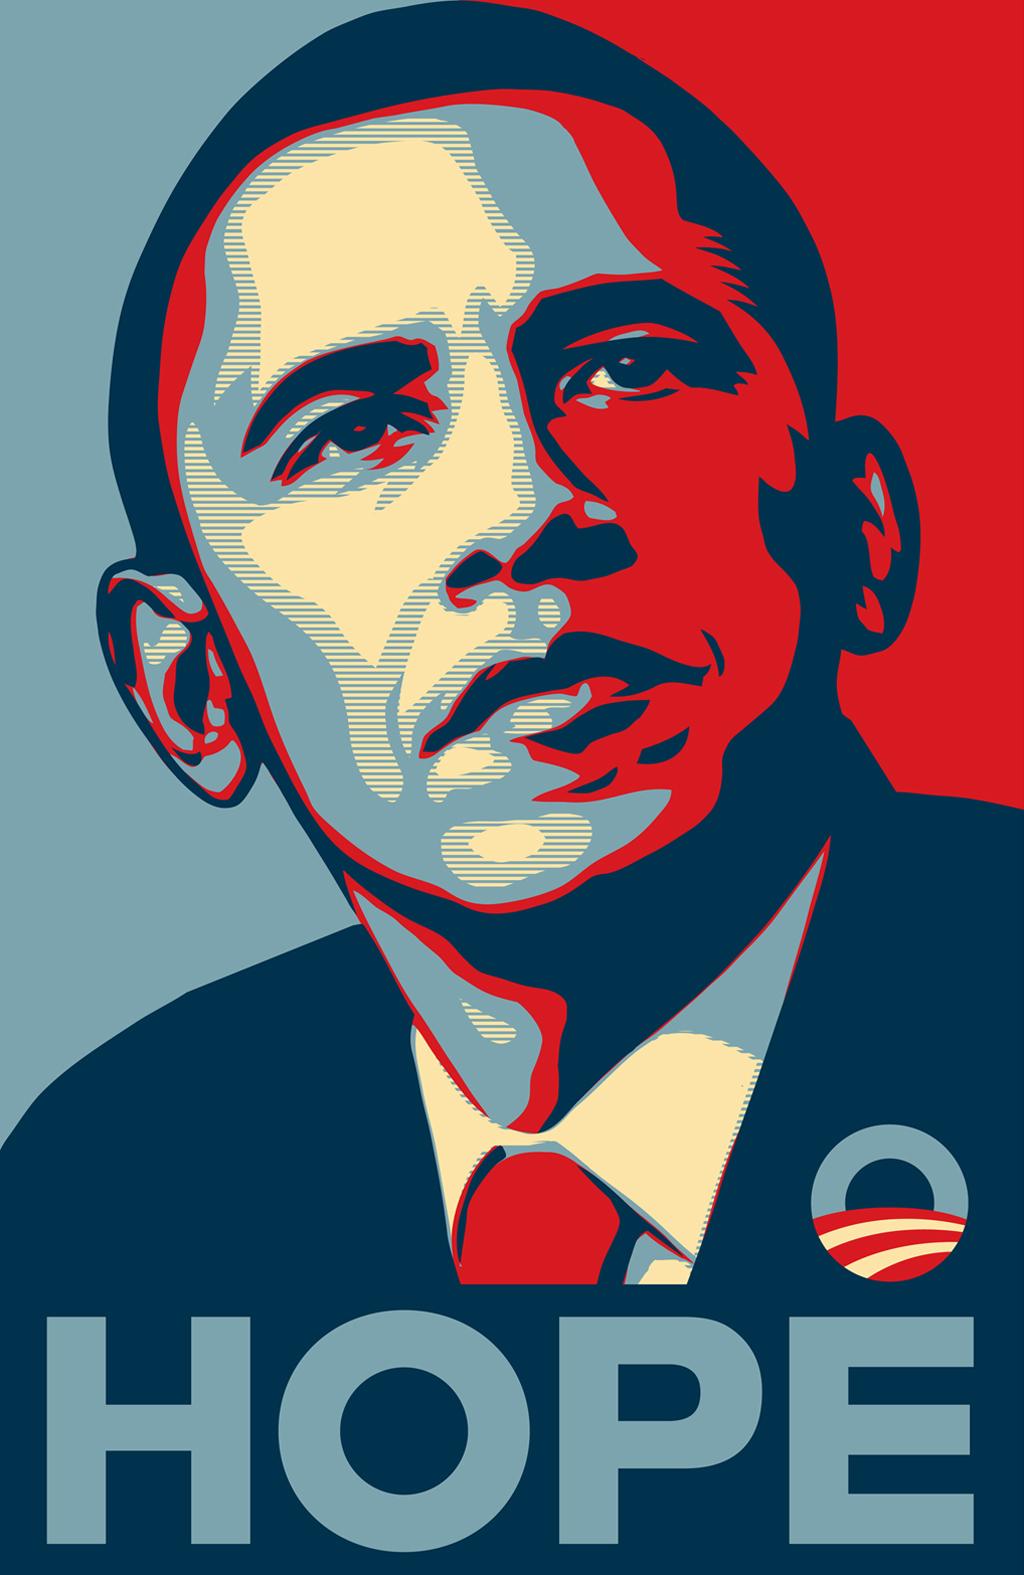 obey-giant-22-obama-hope.jpg